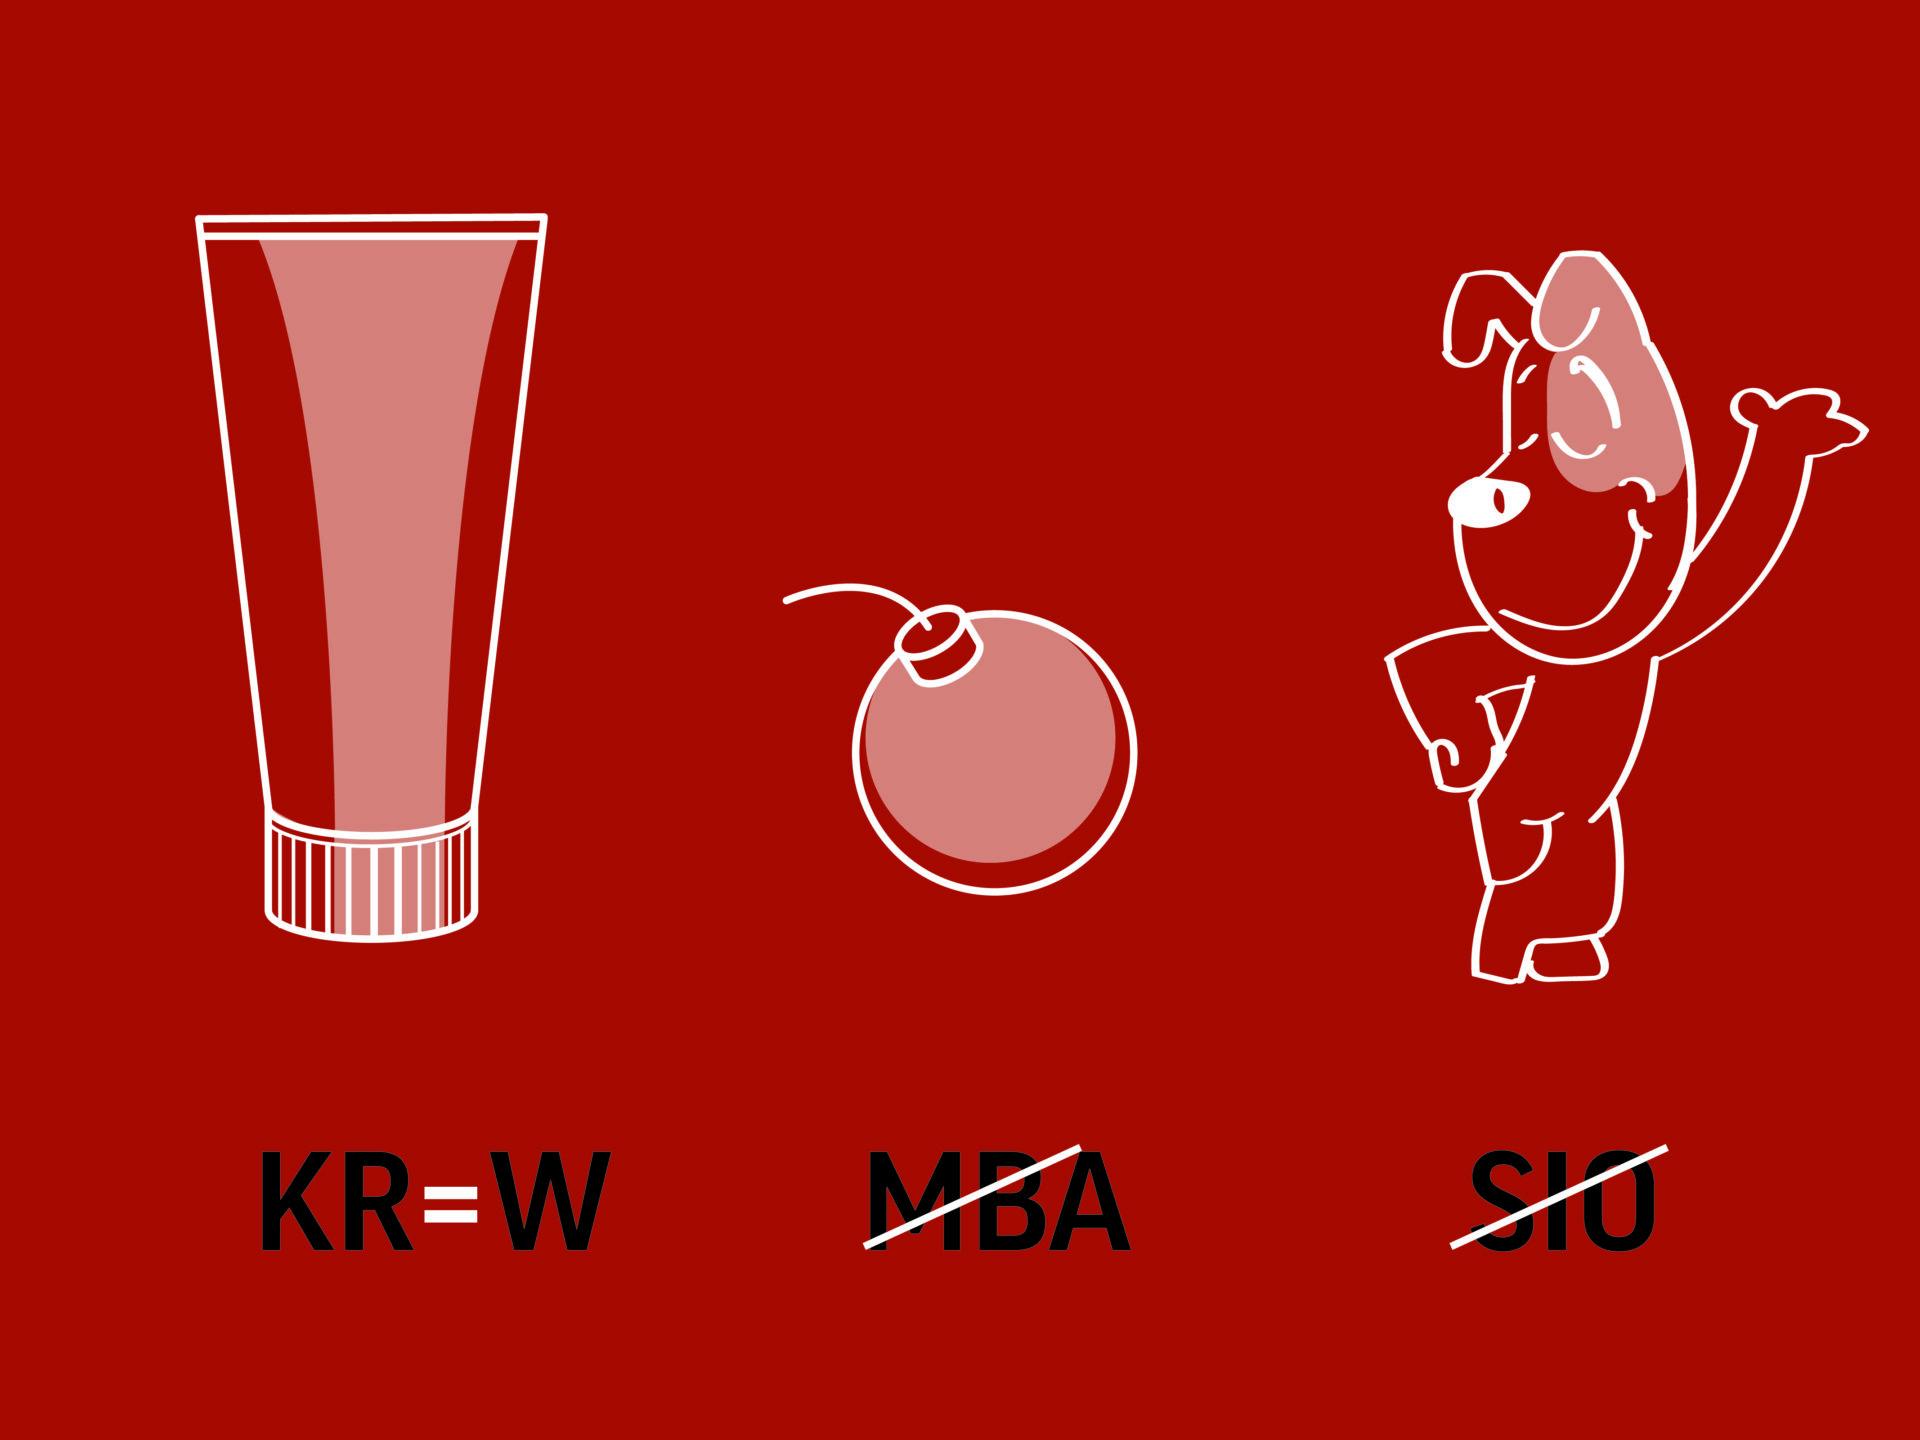 """Rebus przedstawiający kolejno: krem i""""kr""""=""""w"""", bomba iprzekreślone """"mba"""", Reksio iprzekreślone """"sio""""."""